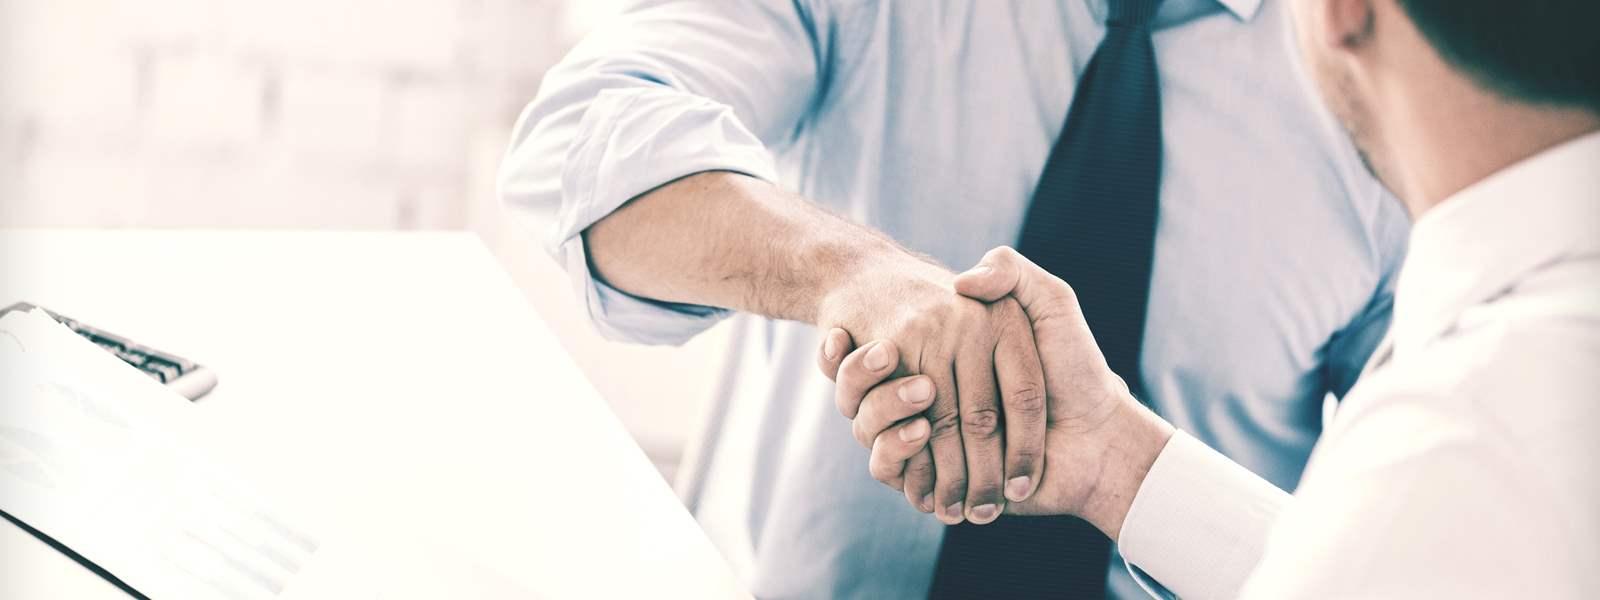 投資に対するパートナーの理解について